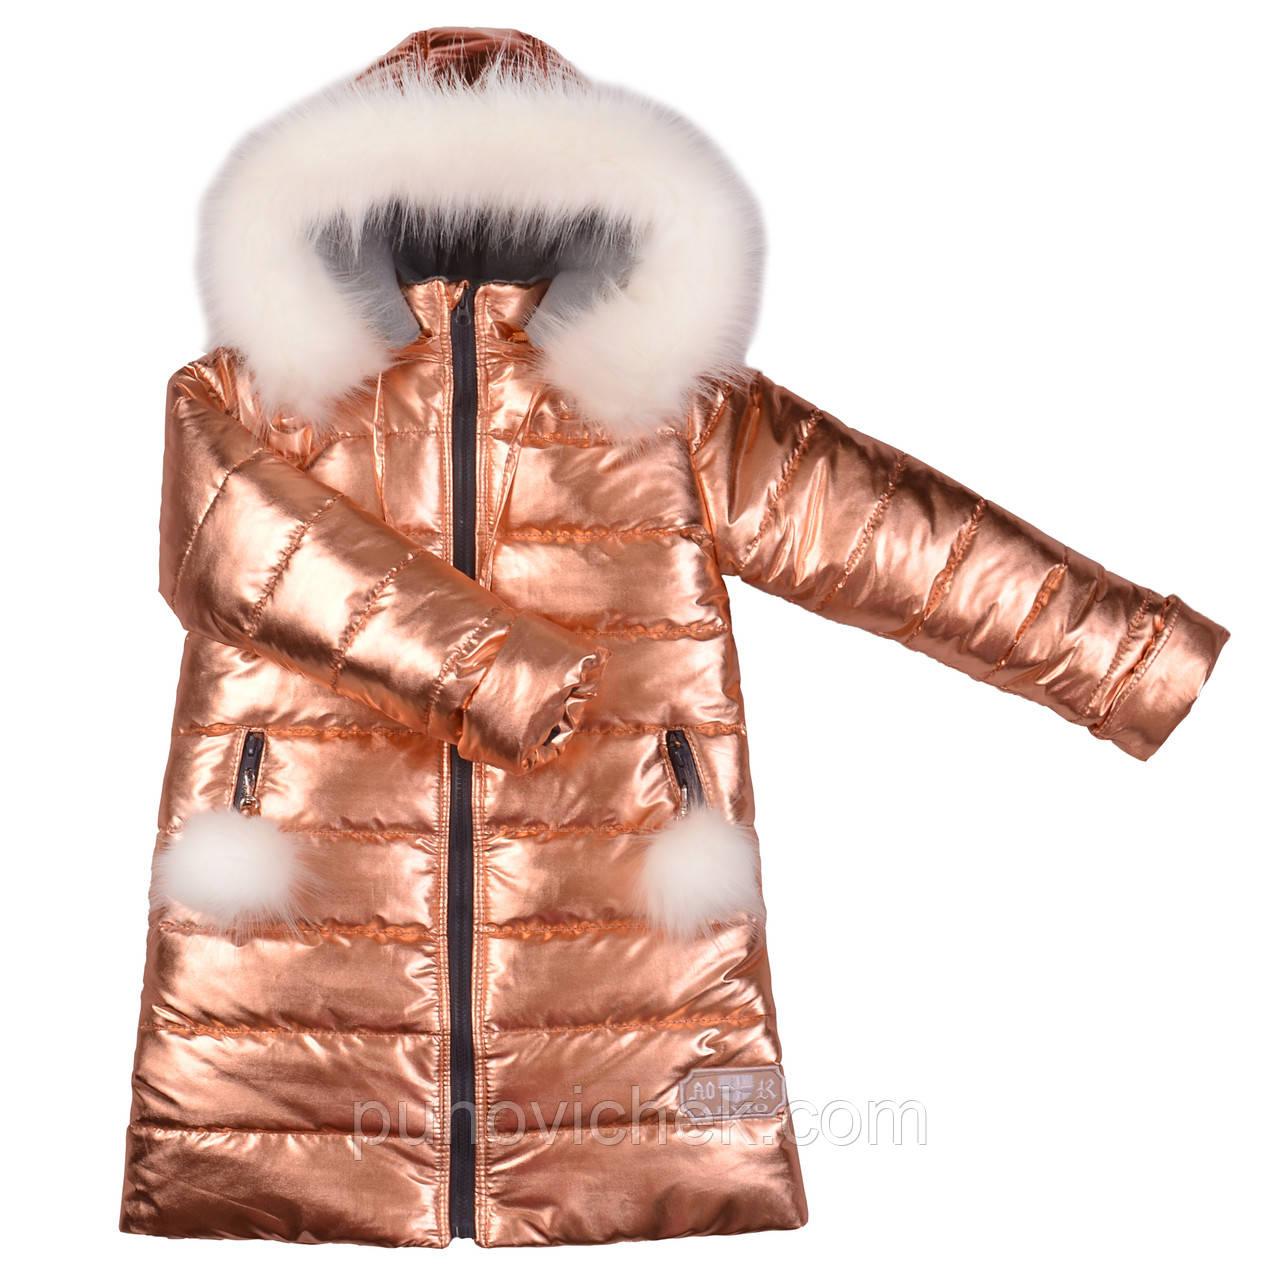 Детская зимняя куртка для девочки блестящая